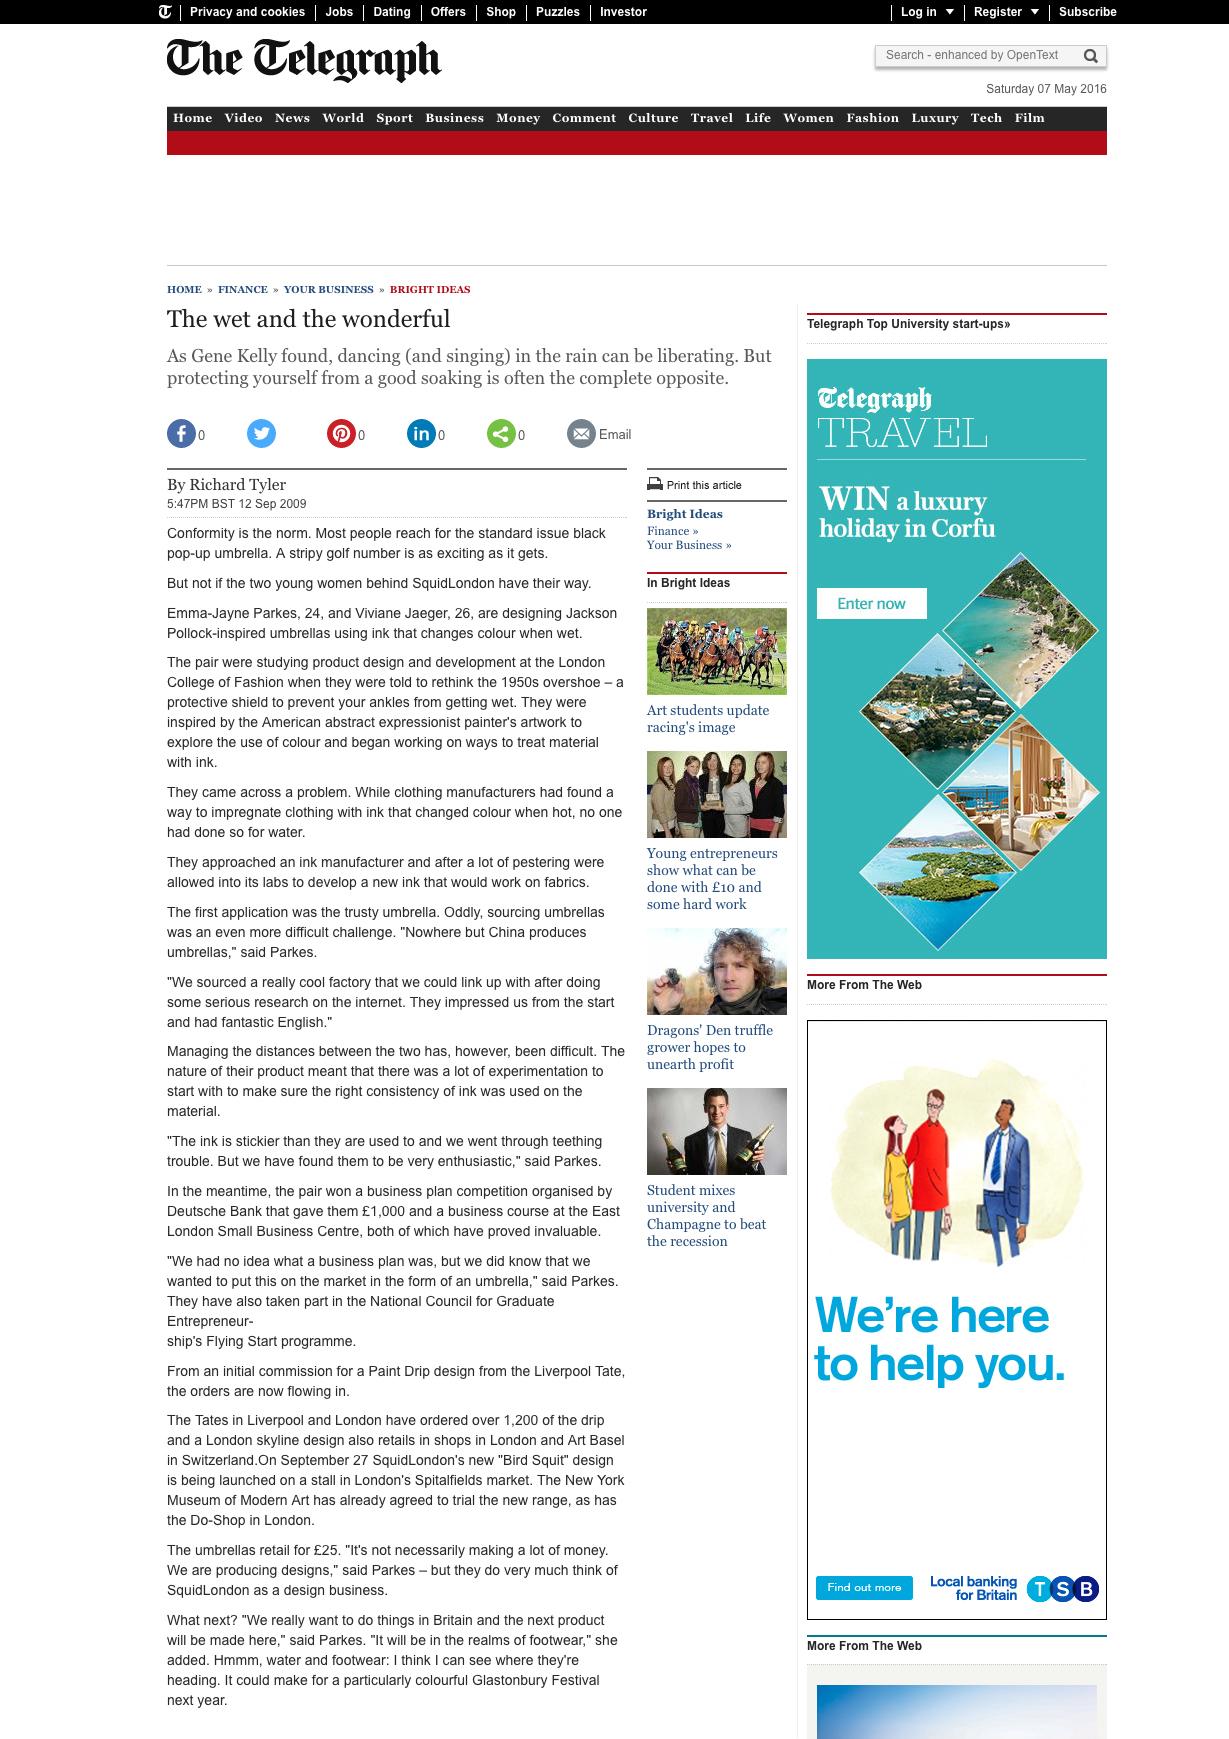 September 2009 Telegraph